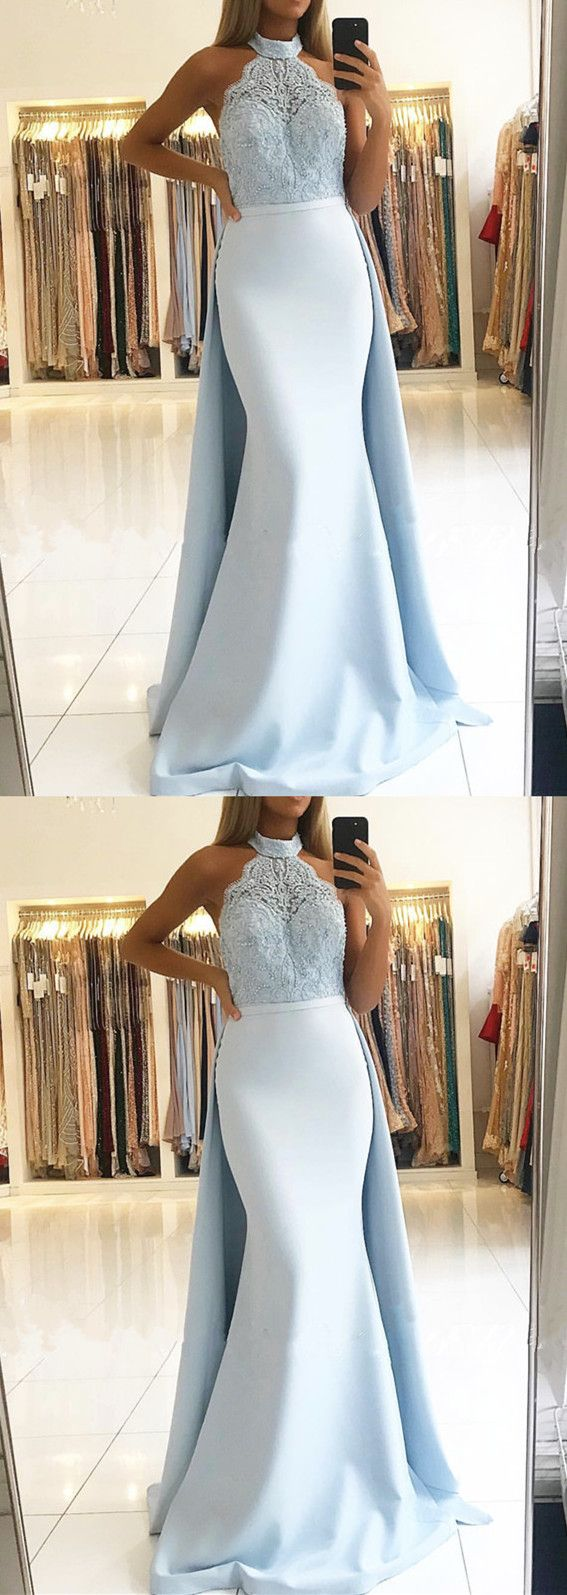 Elegant lace halter mermaid prom dresses detachable skirt in